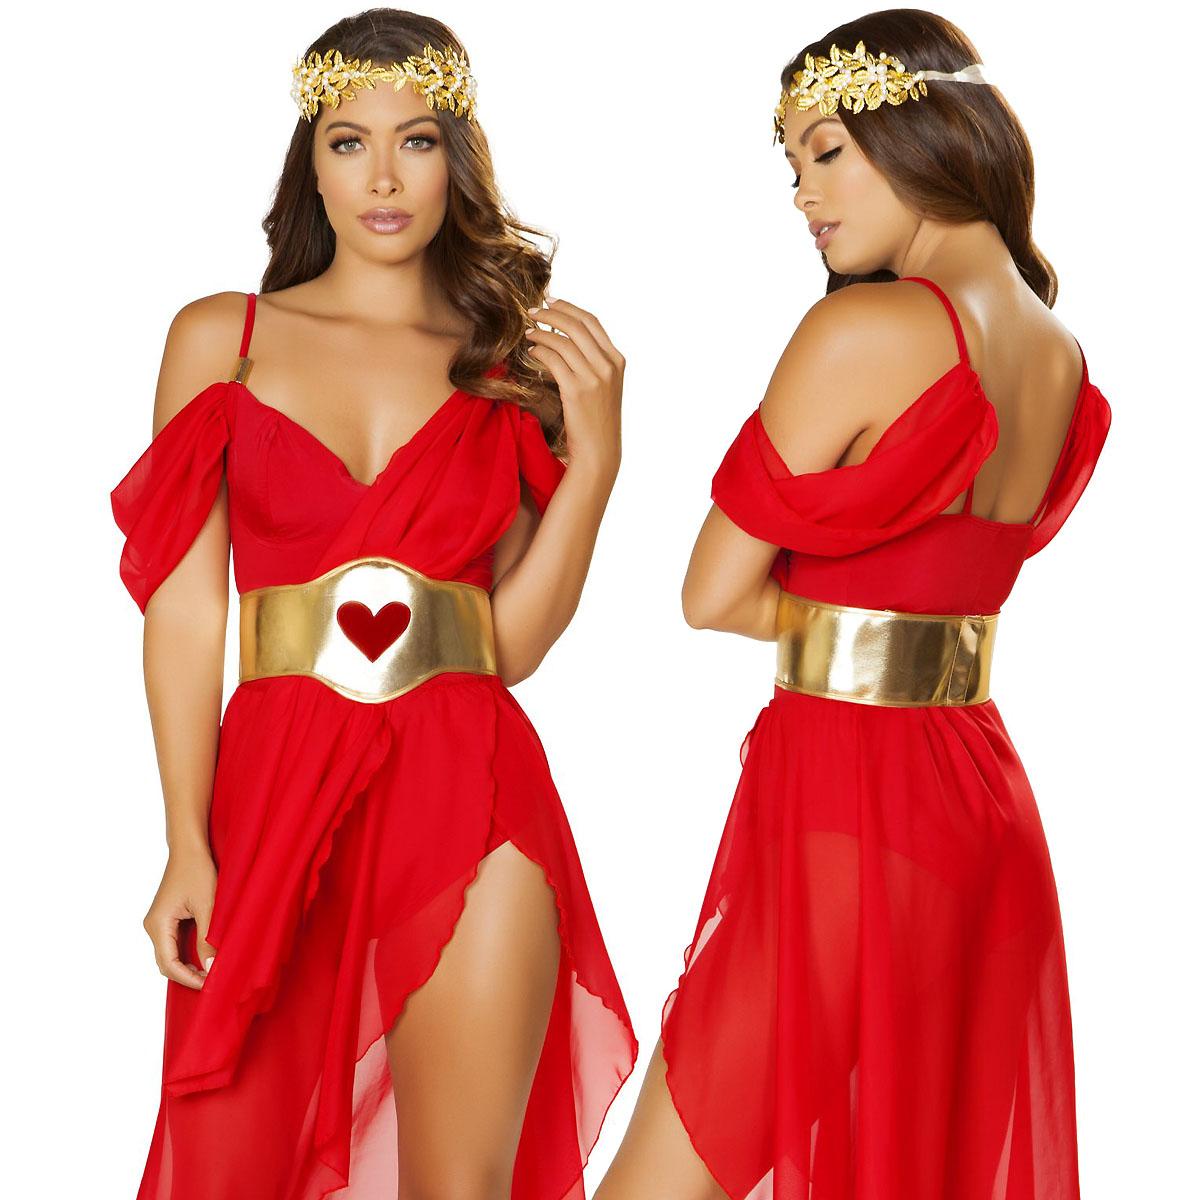 海外ブランド ROMA ローマ ハロウィンコスチューム レディースファッション コスプレ衣装 仮装 赤のドロップスリーブロンパース スリットスカート、ウェストバンド 女神コスチューム3点セット■別売り品番:rm4878=ゴールドのヘッドバンド